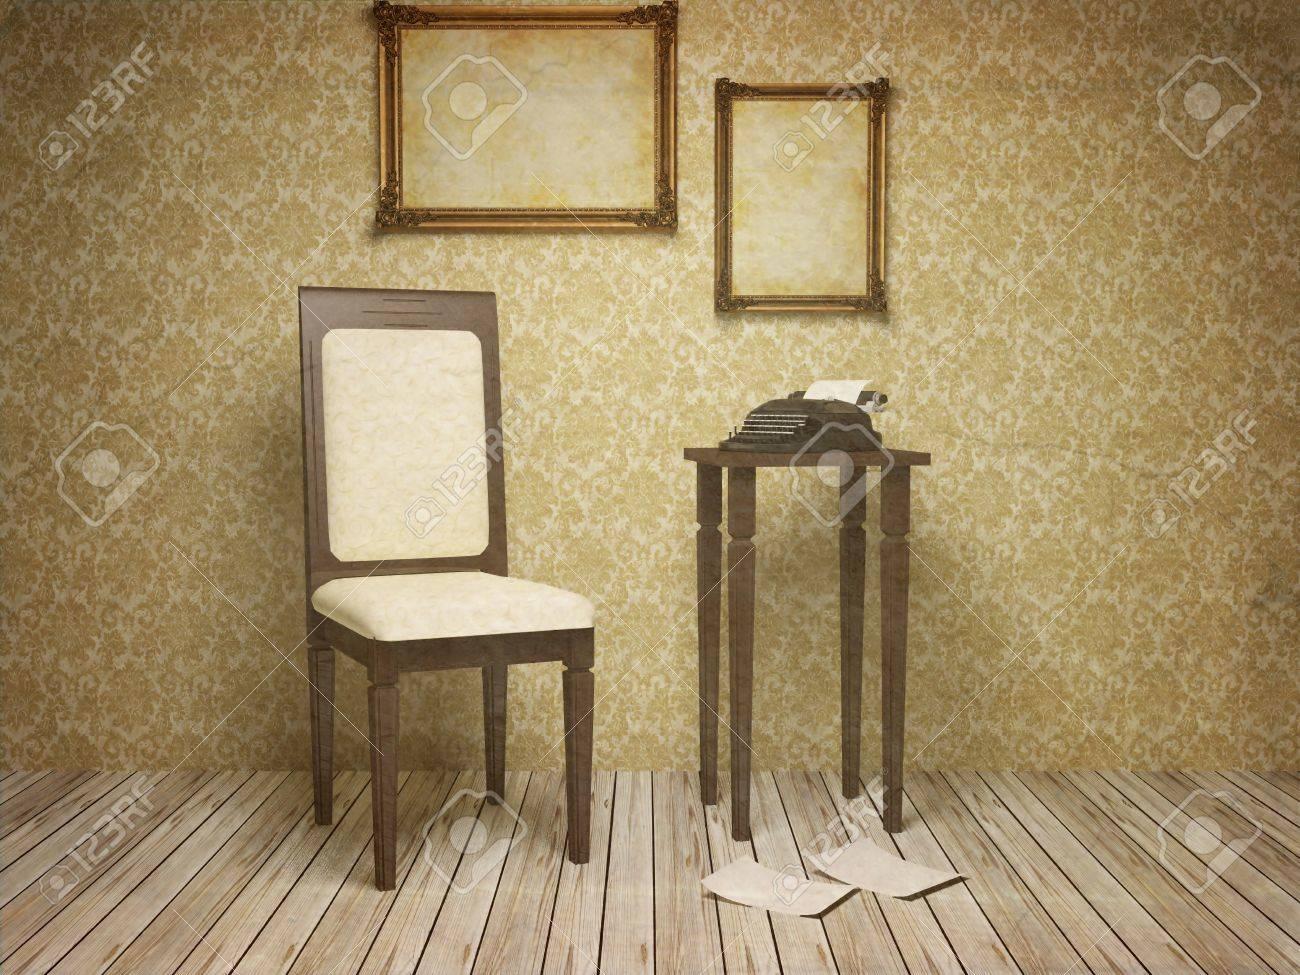 Classique Interieure Antique Avec Une Chaise Table Cadres Et